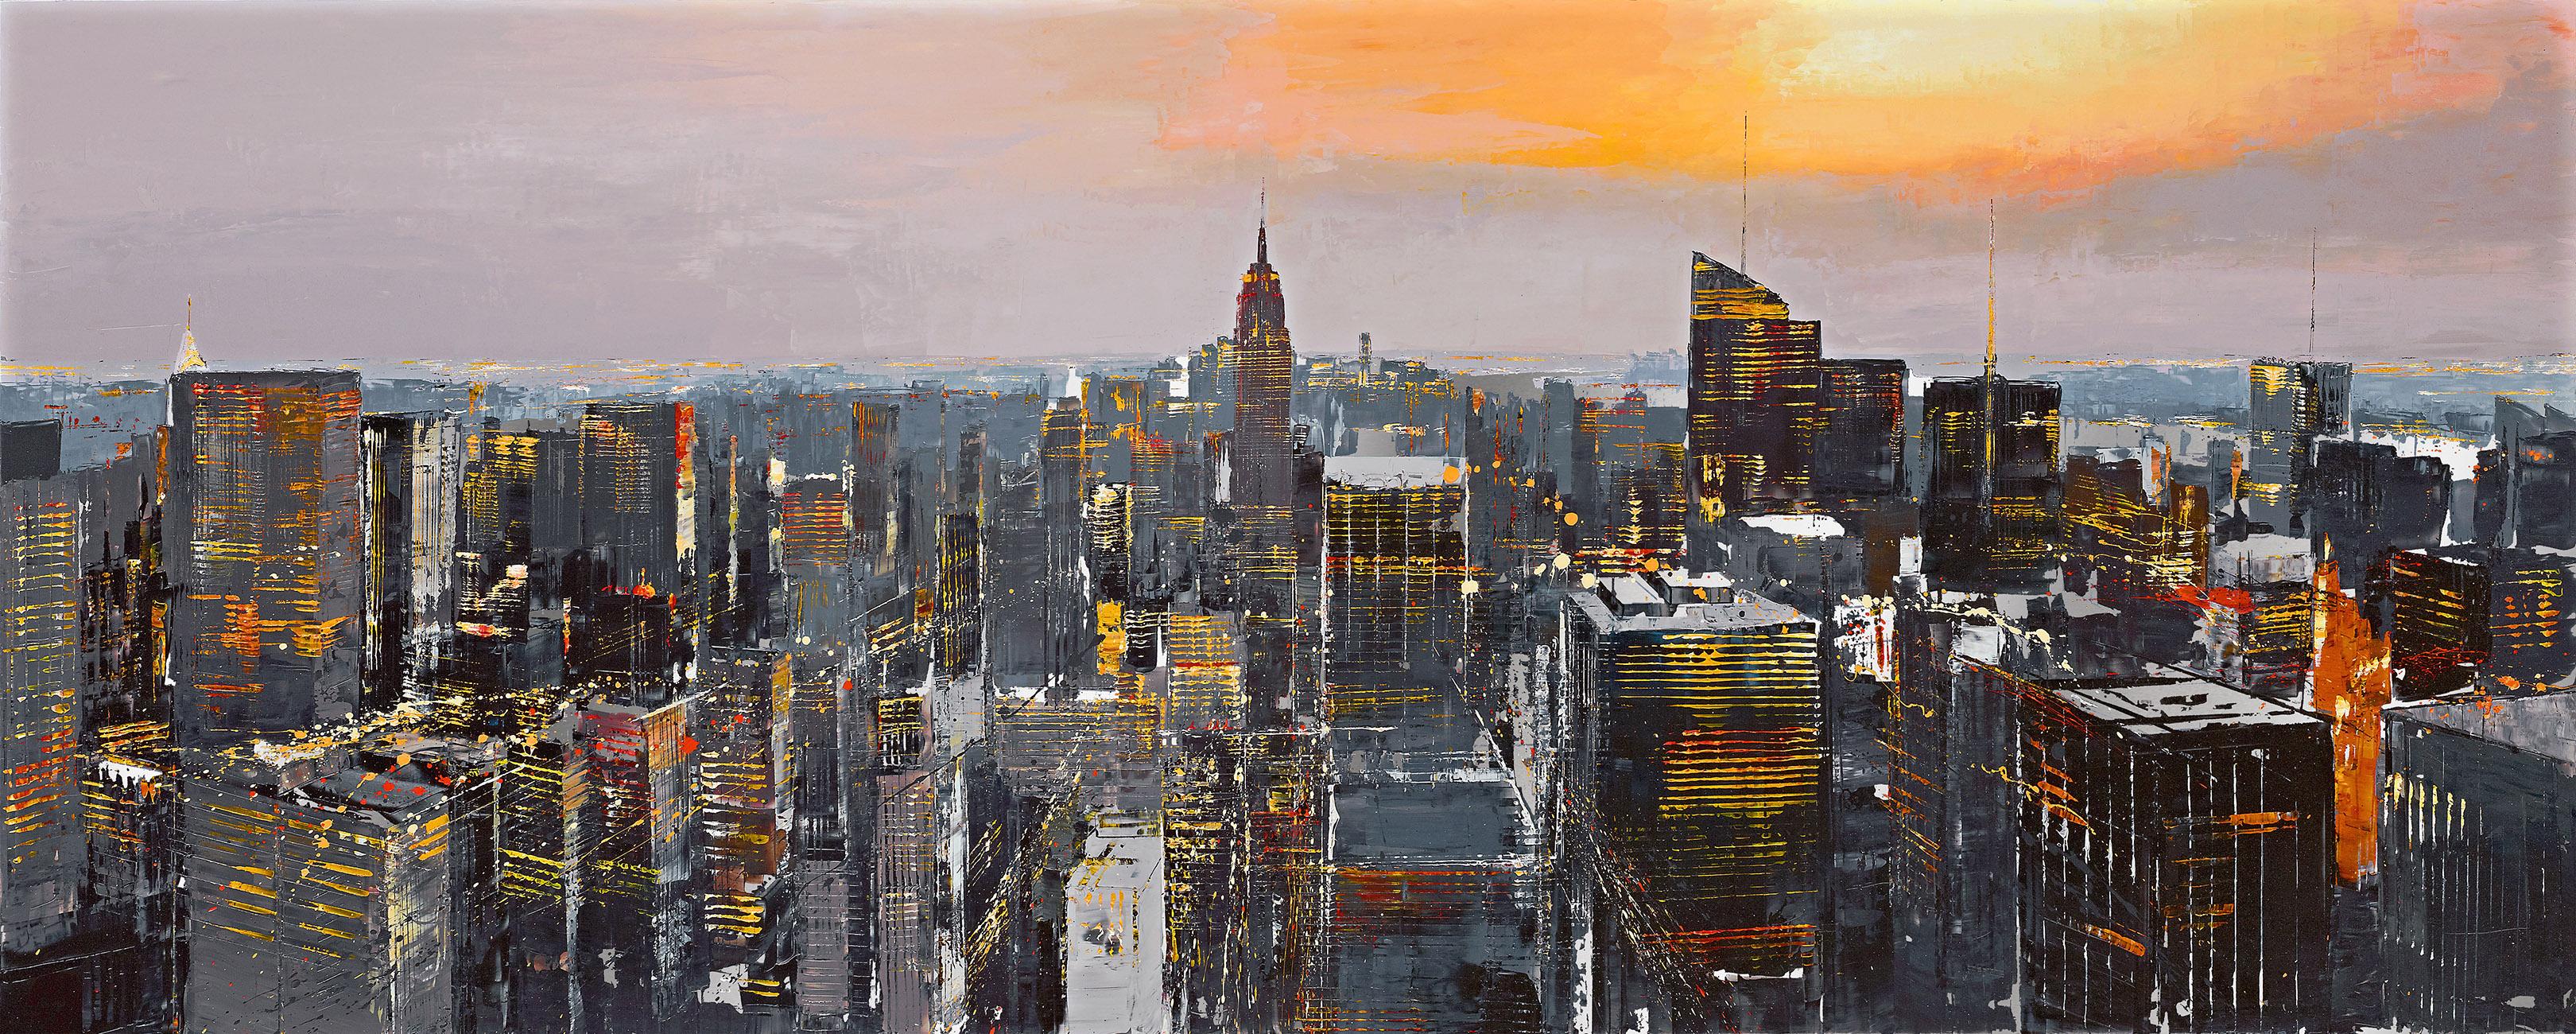 Last Light by Paul Kenton